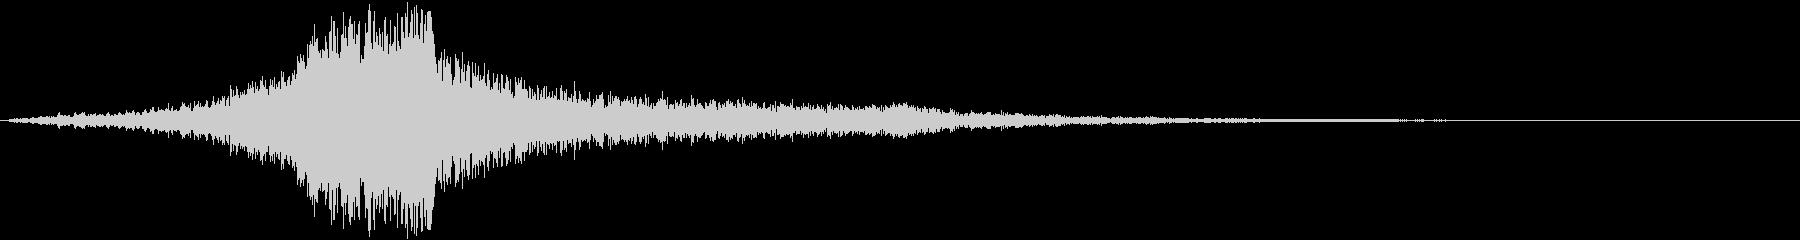 【破壊的】映画タイトルロゴ(トレーラー)の未再生の波形